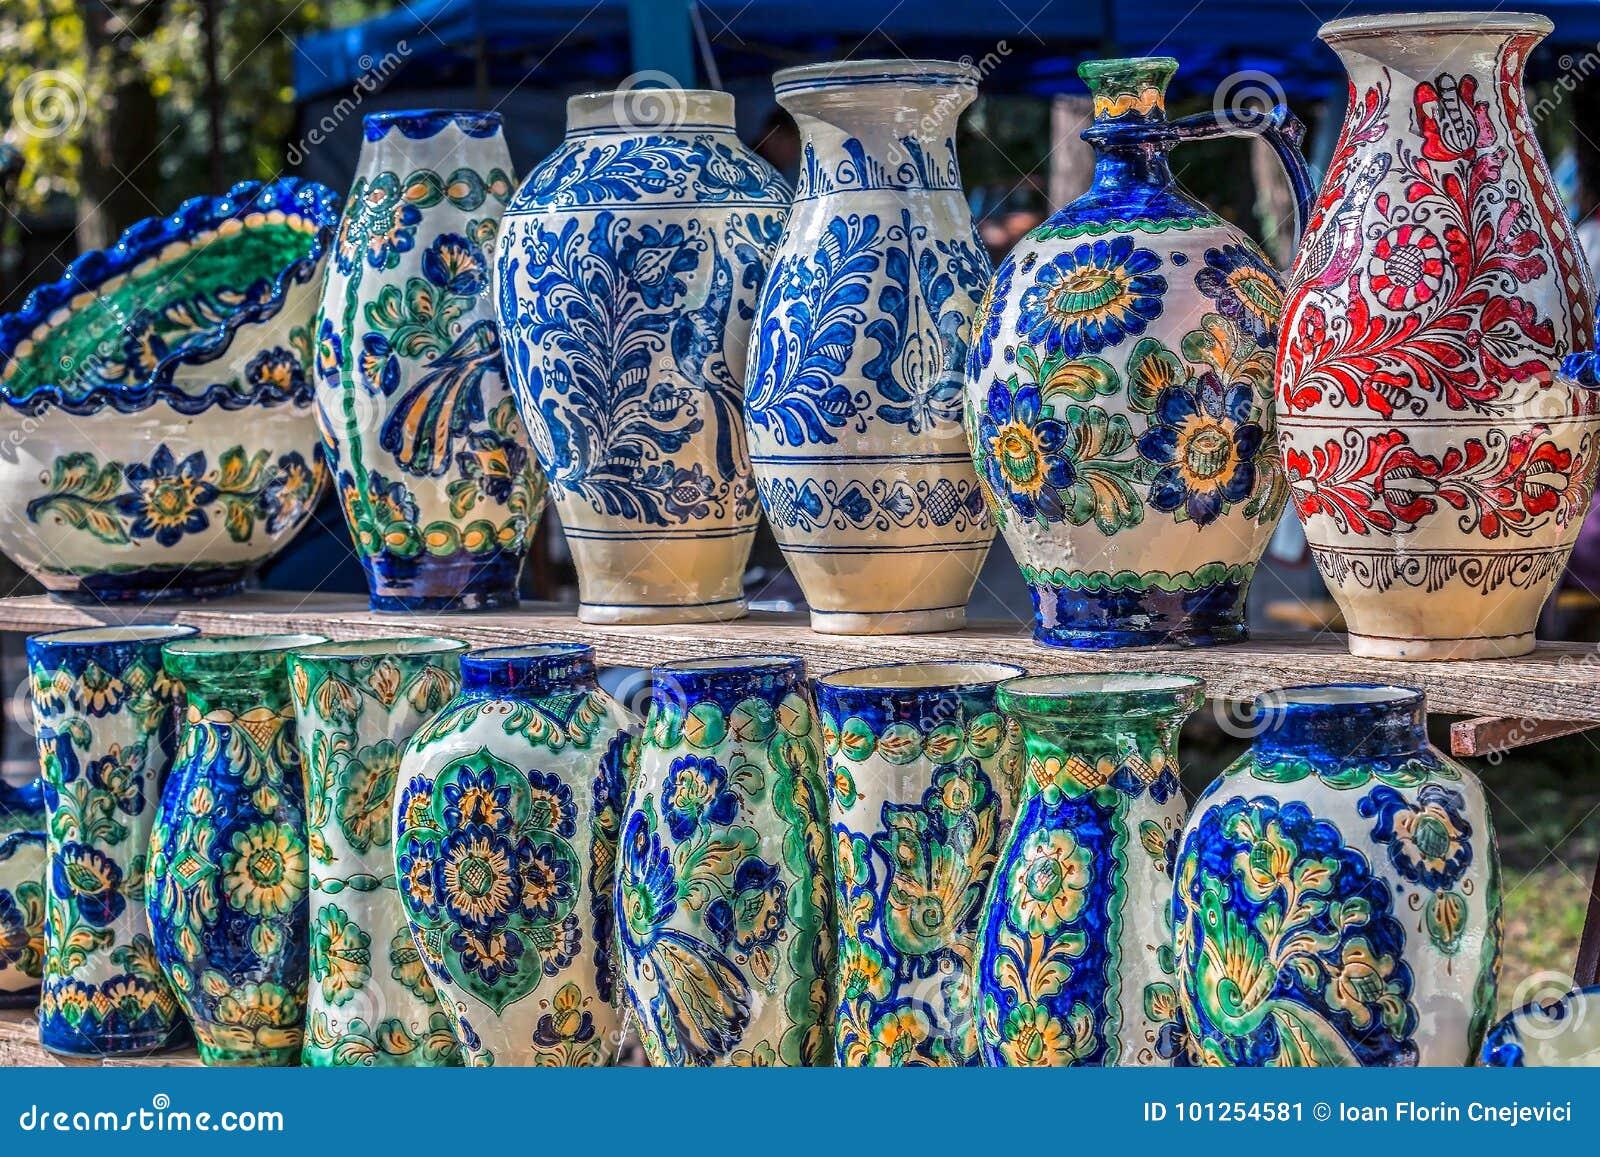 Ρουμανικός παραδοσιακός κεραμικός στη μορφή βάζων